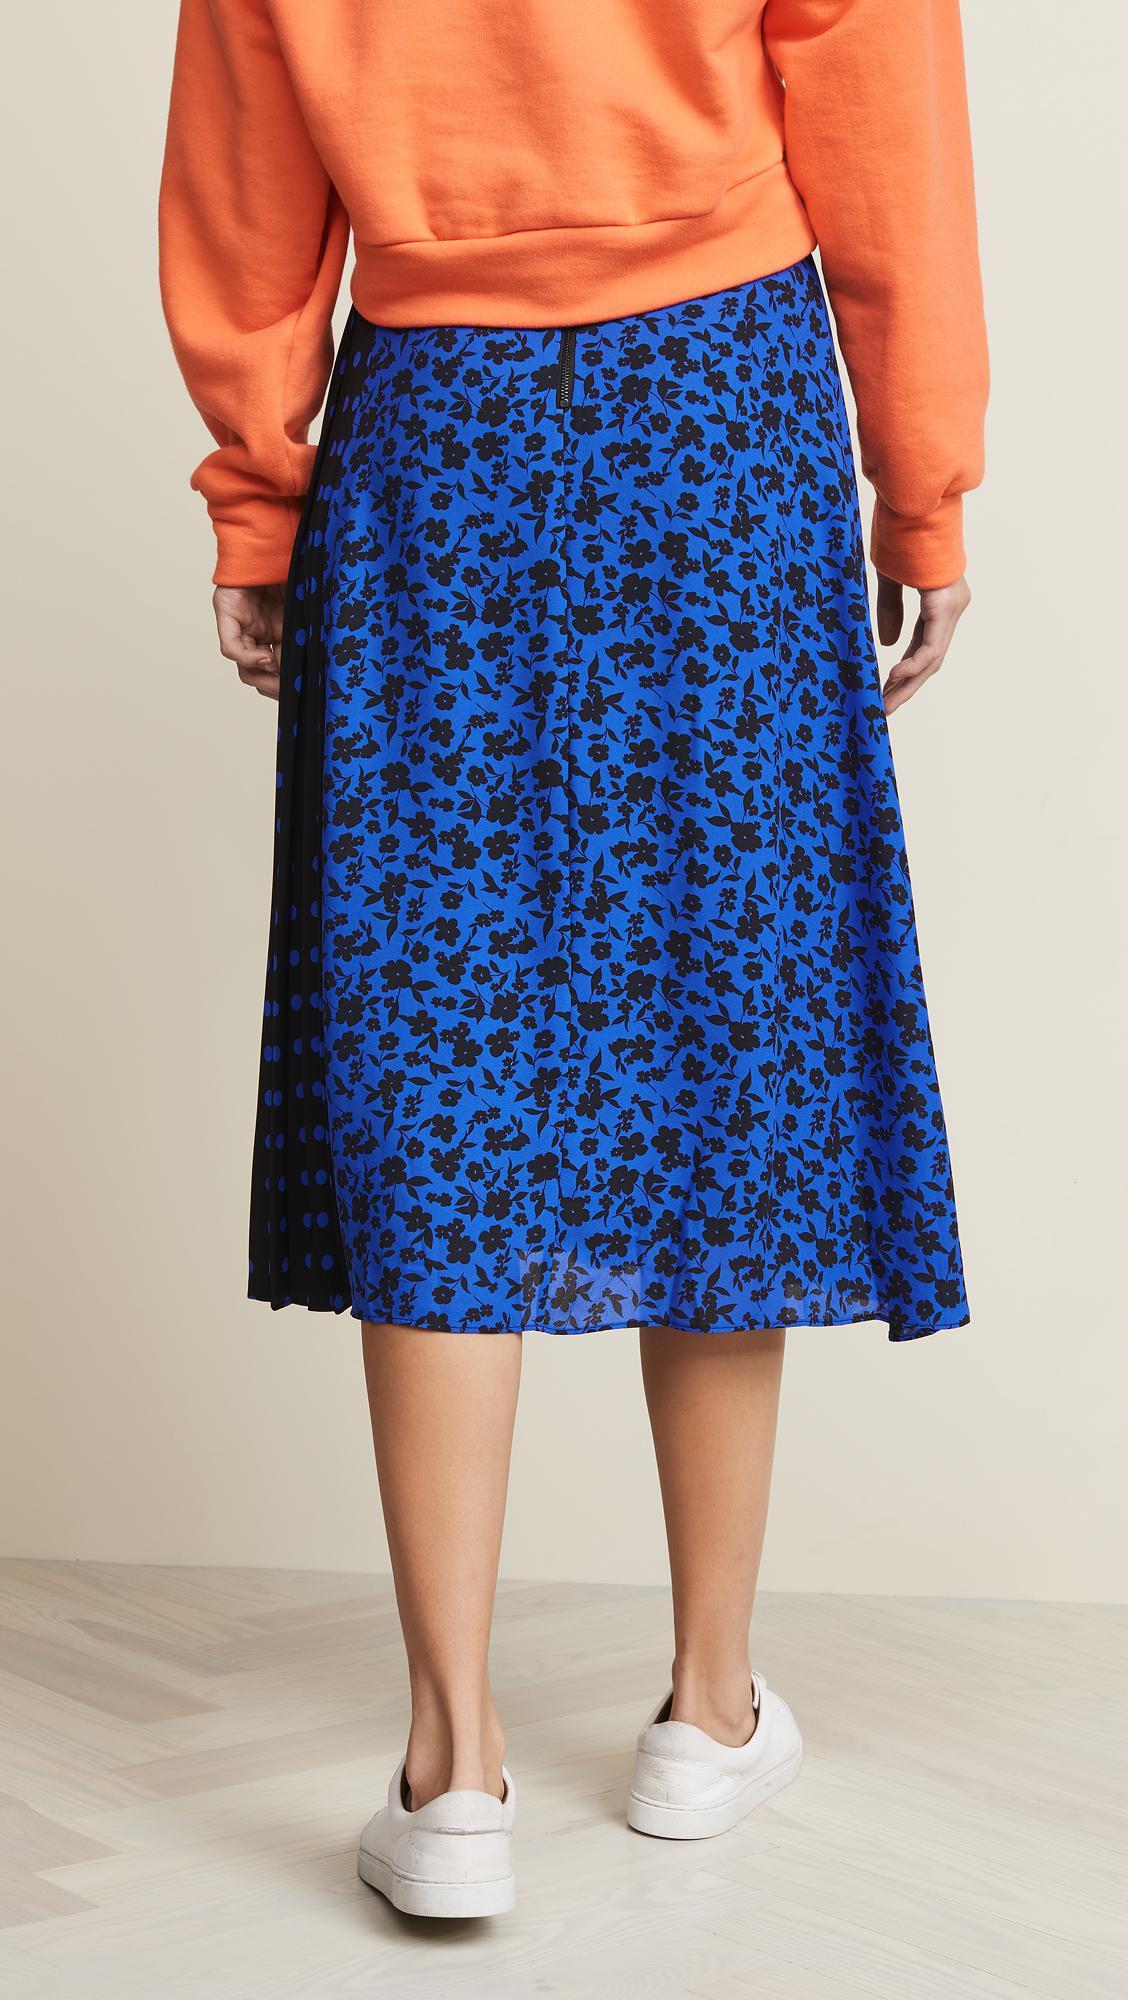 afa60e4a28 Lyst - Alice + Olivia Lilia Asymmetrical Pleated Midi Skirt in Blue